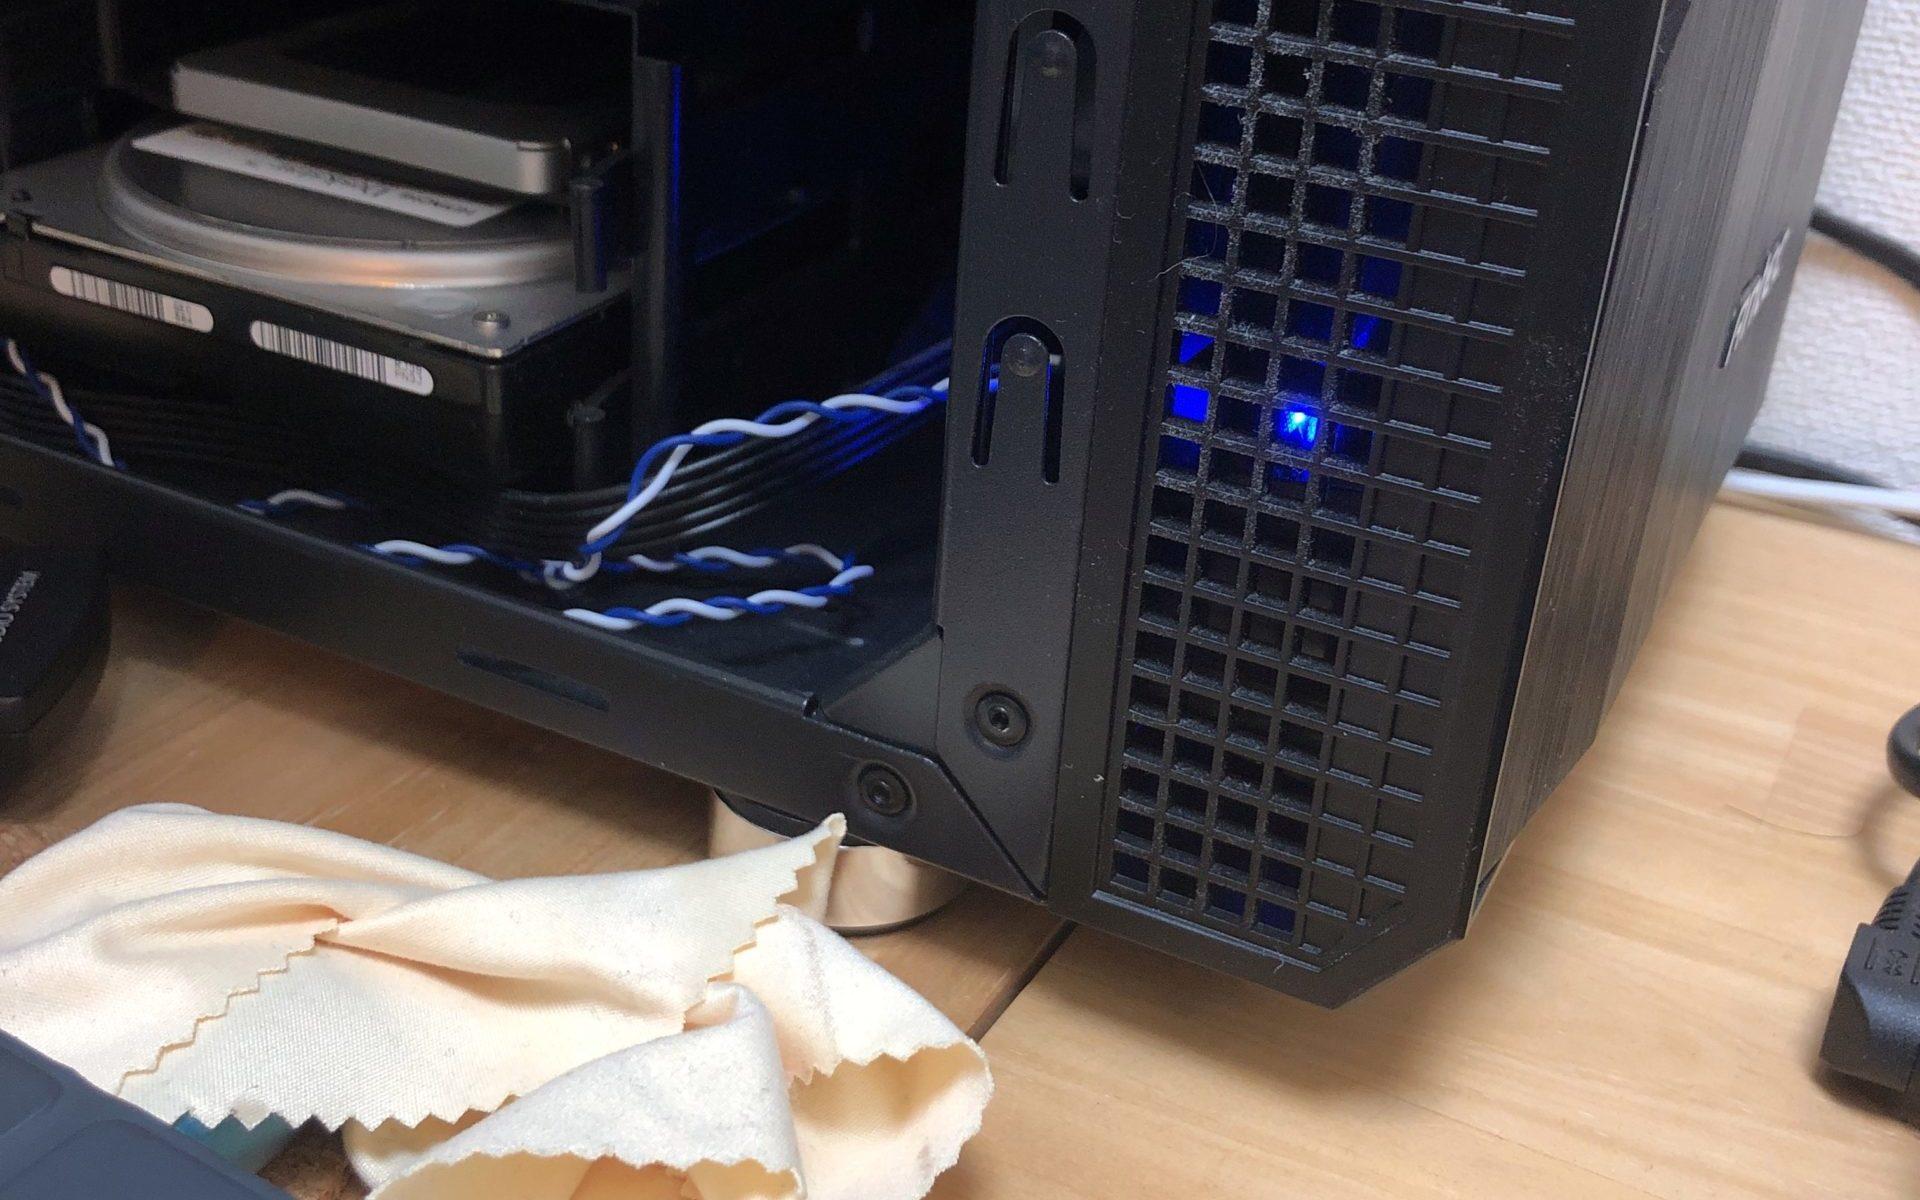 ANTEC P5のフロントパネルの隙間にHDDLEDを仕込んで光らせてみました。無加工でフロントパネルのアミアミ部分にジャストフィット。ケース閉じる前の状態。